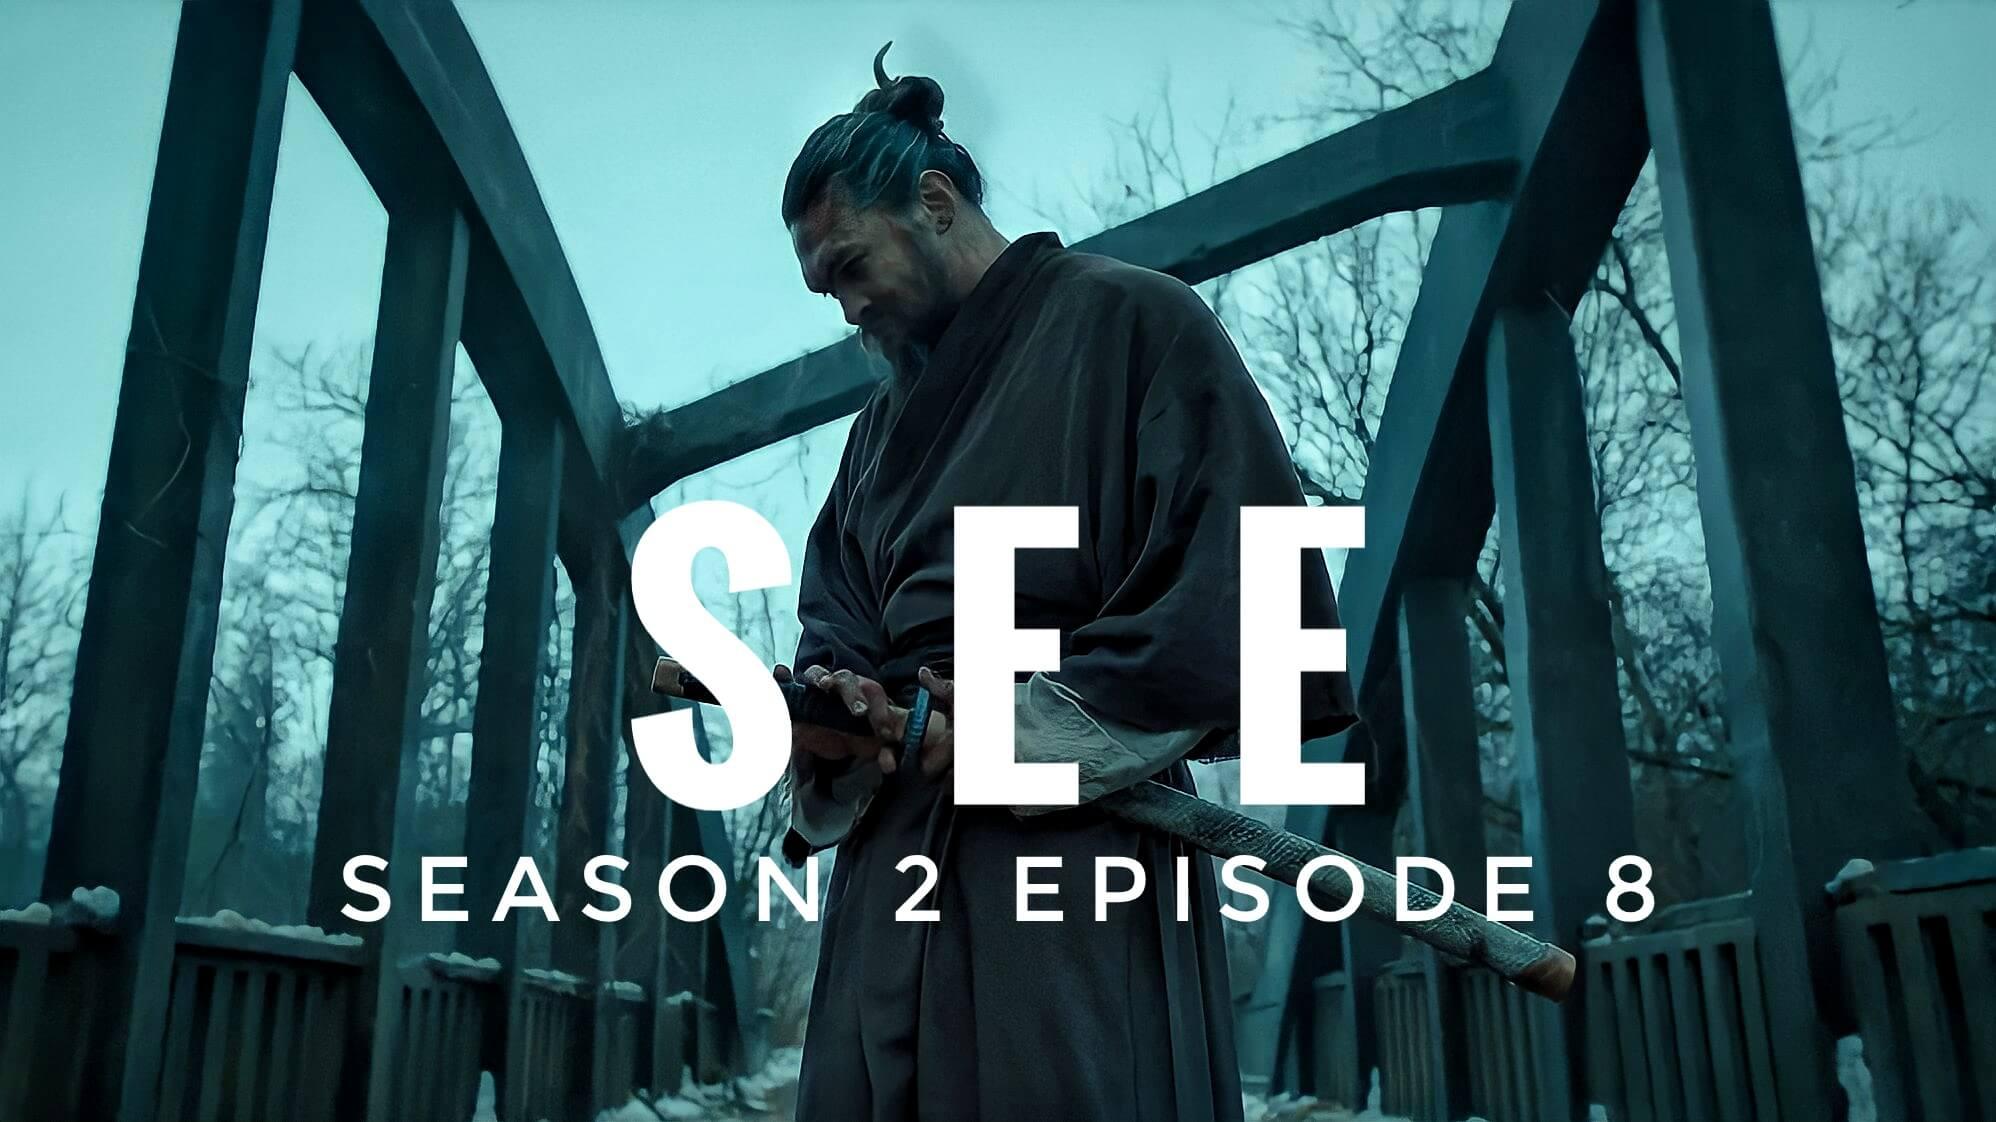 See season 2 finale release date